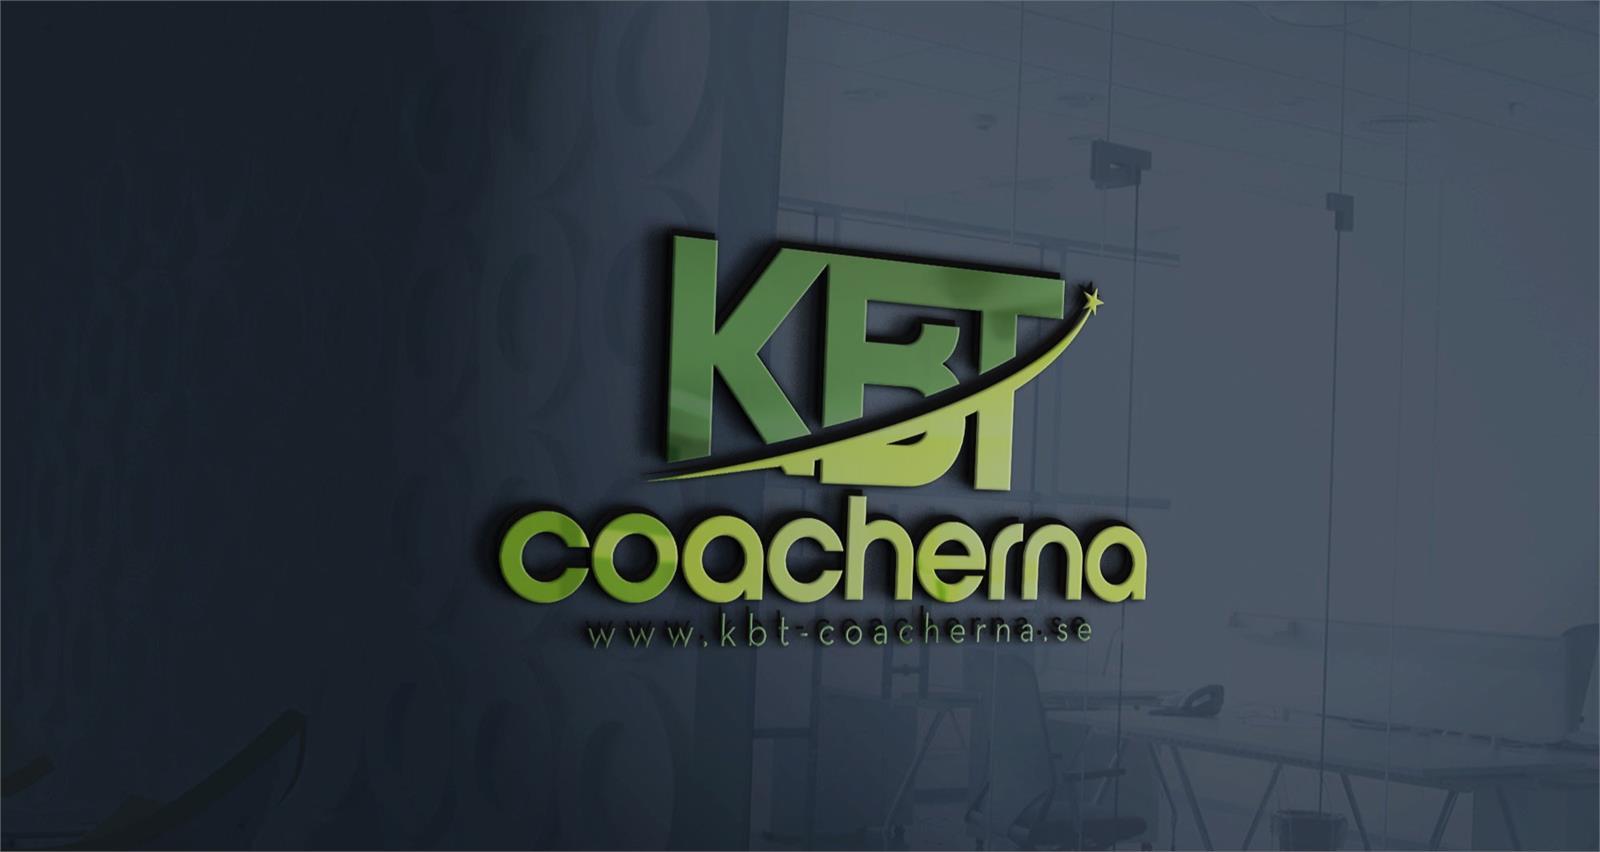 KBT coacherna Norrköping